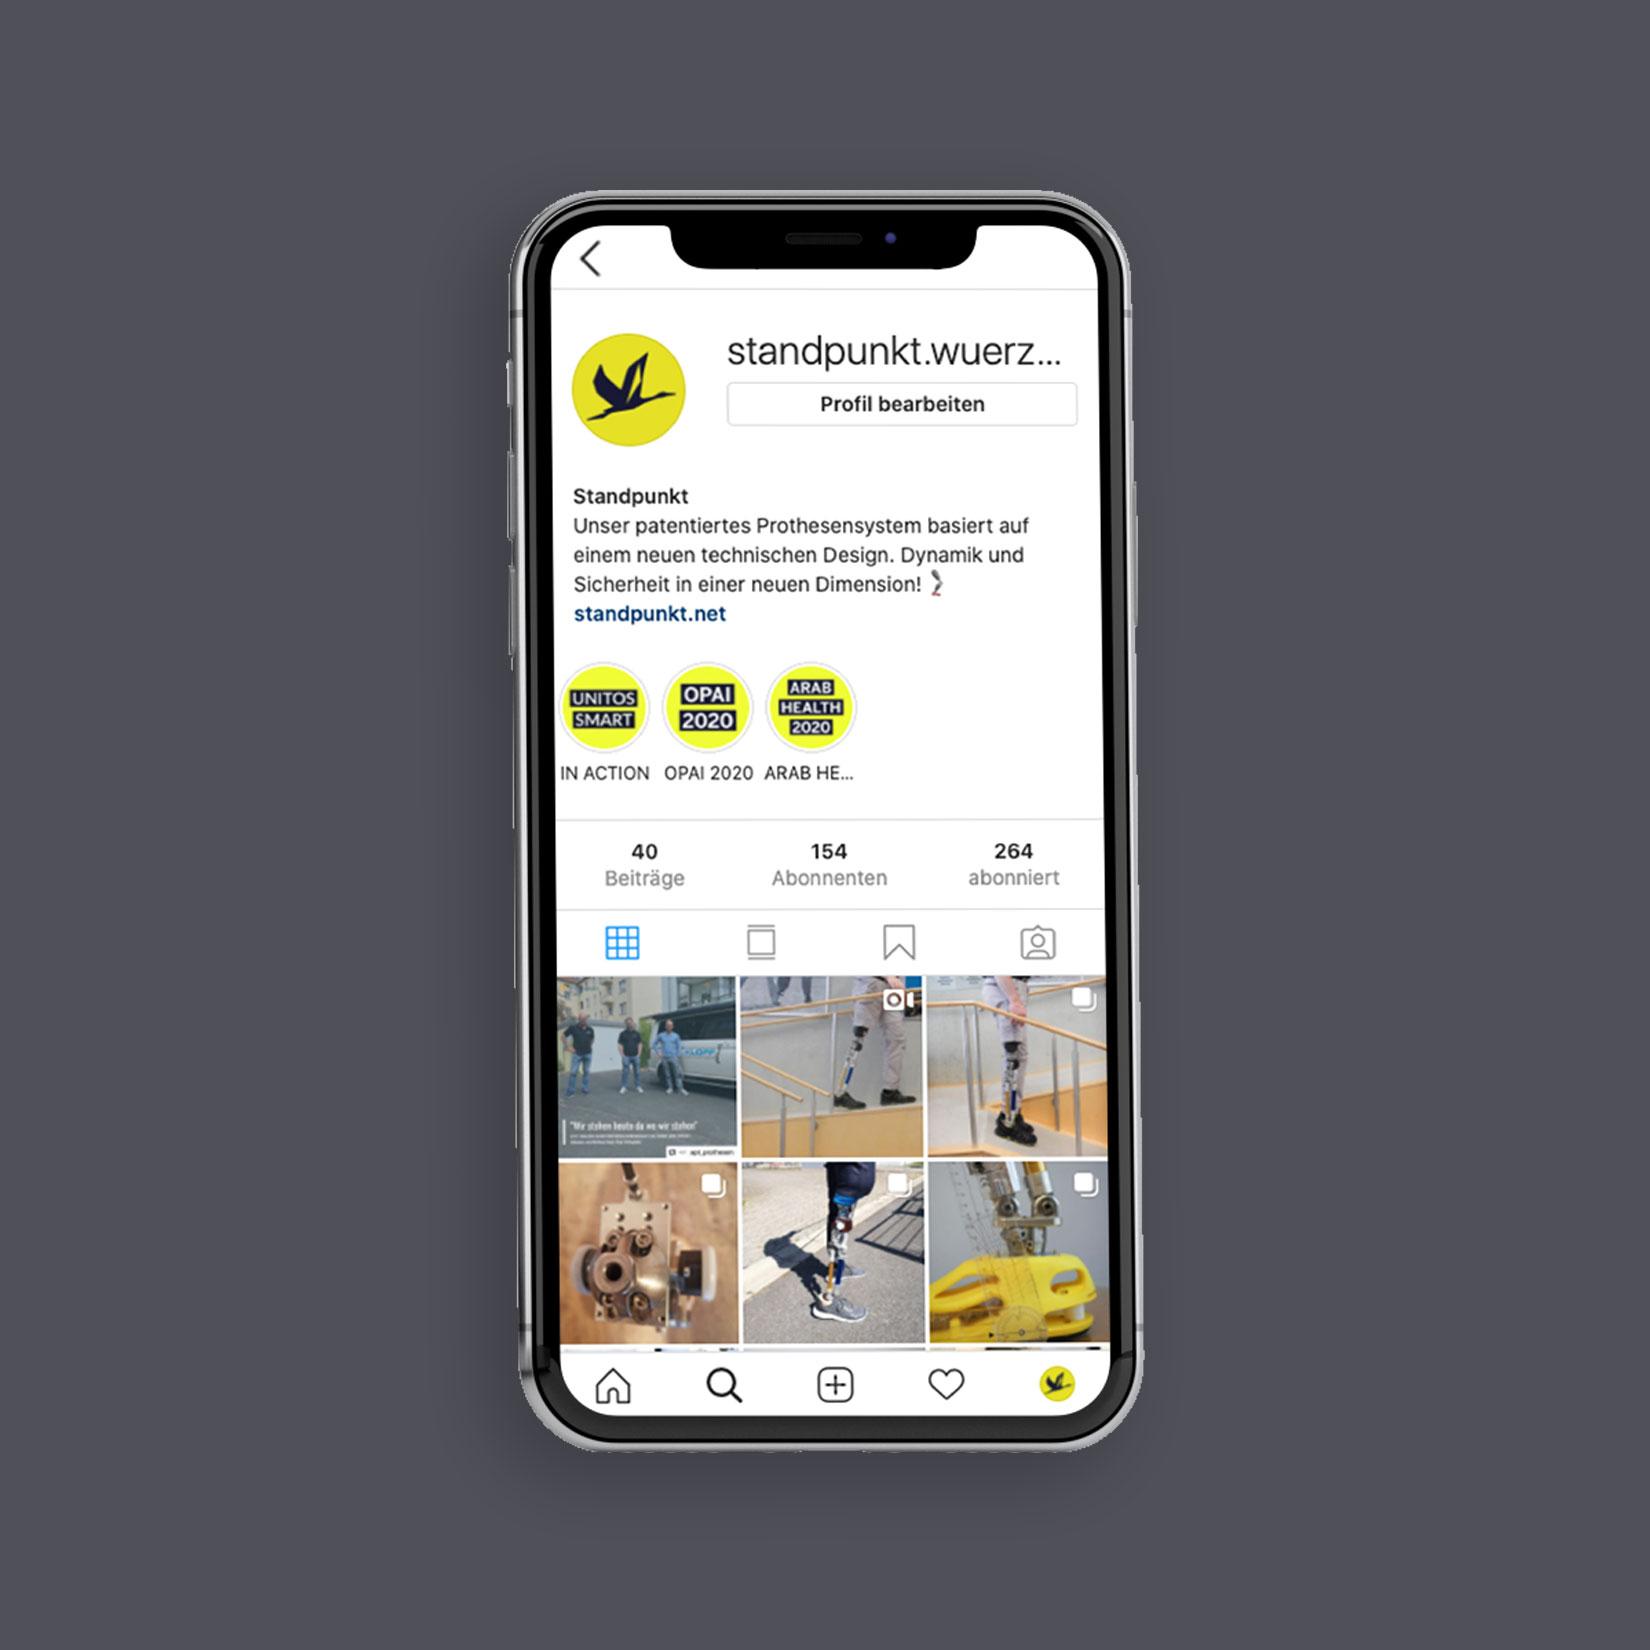 Standpunkt Würzburg Social Media